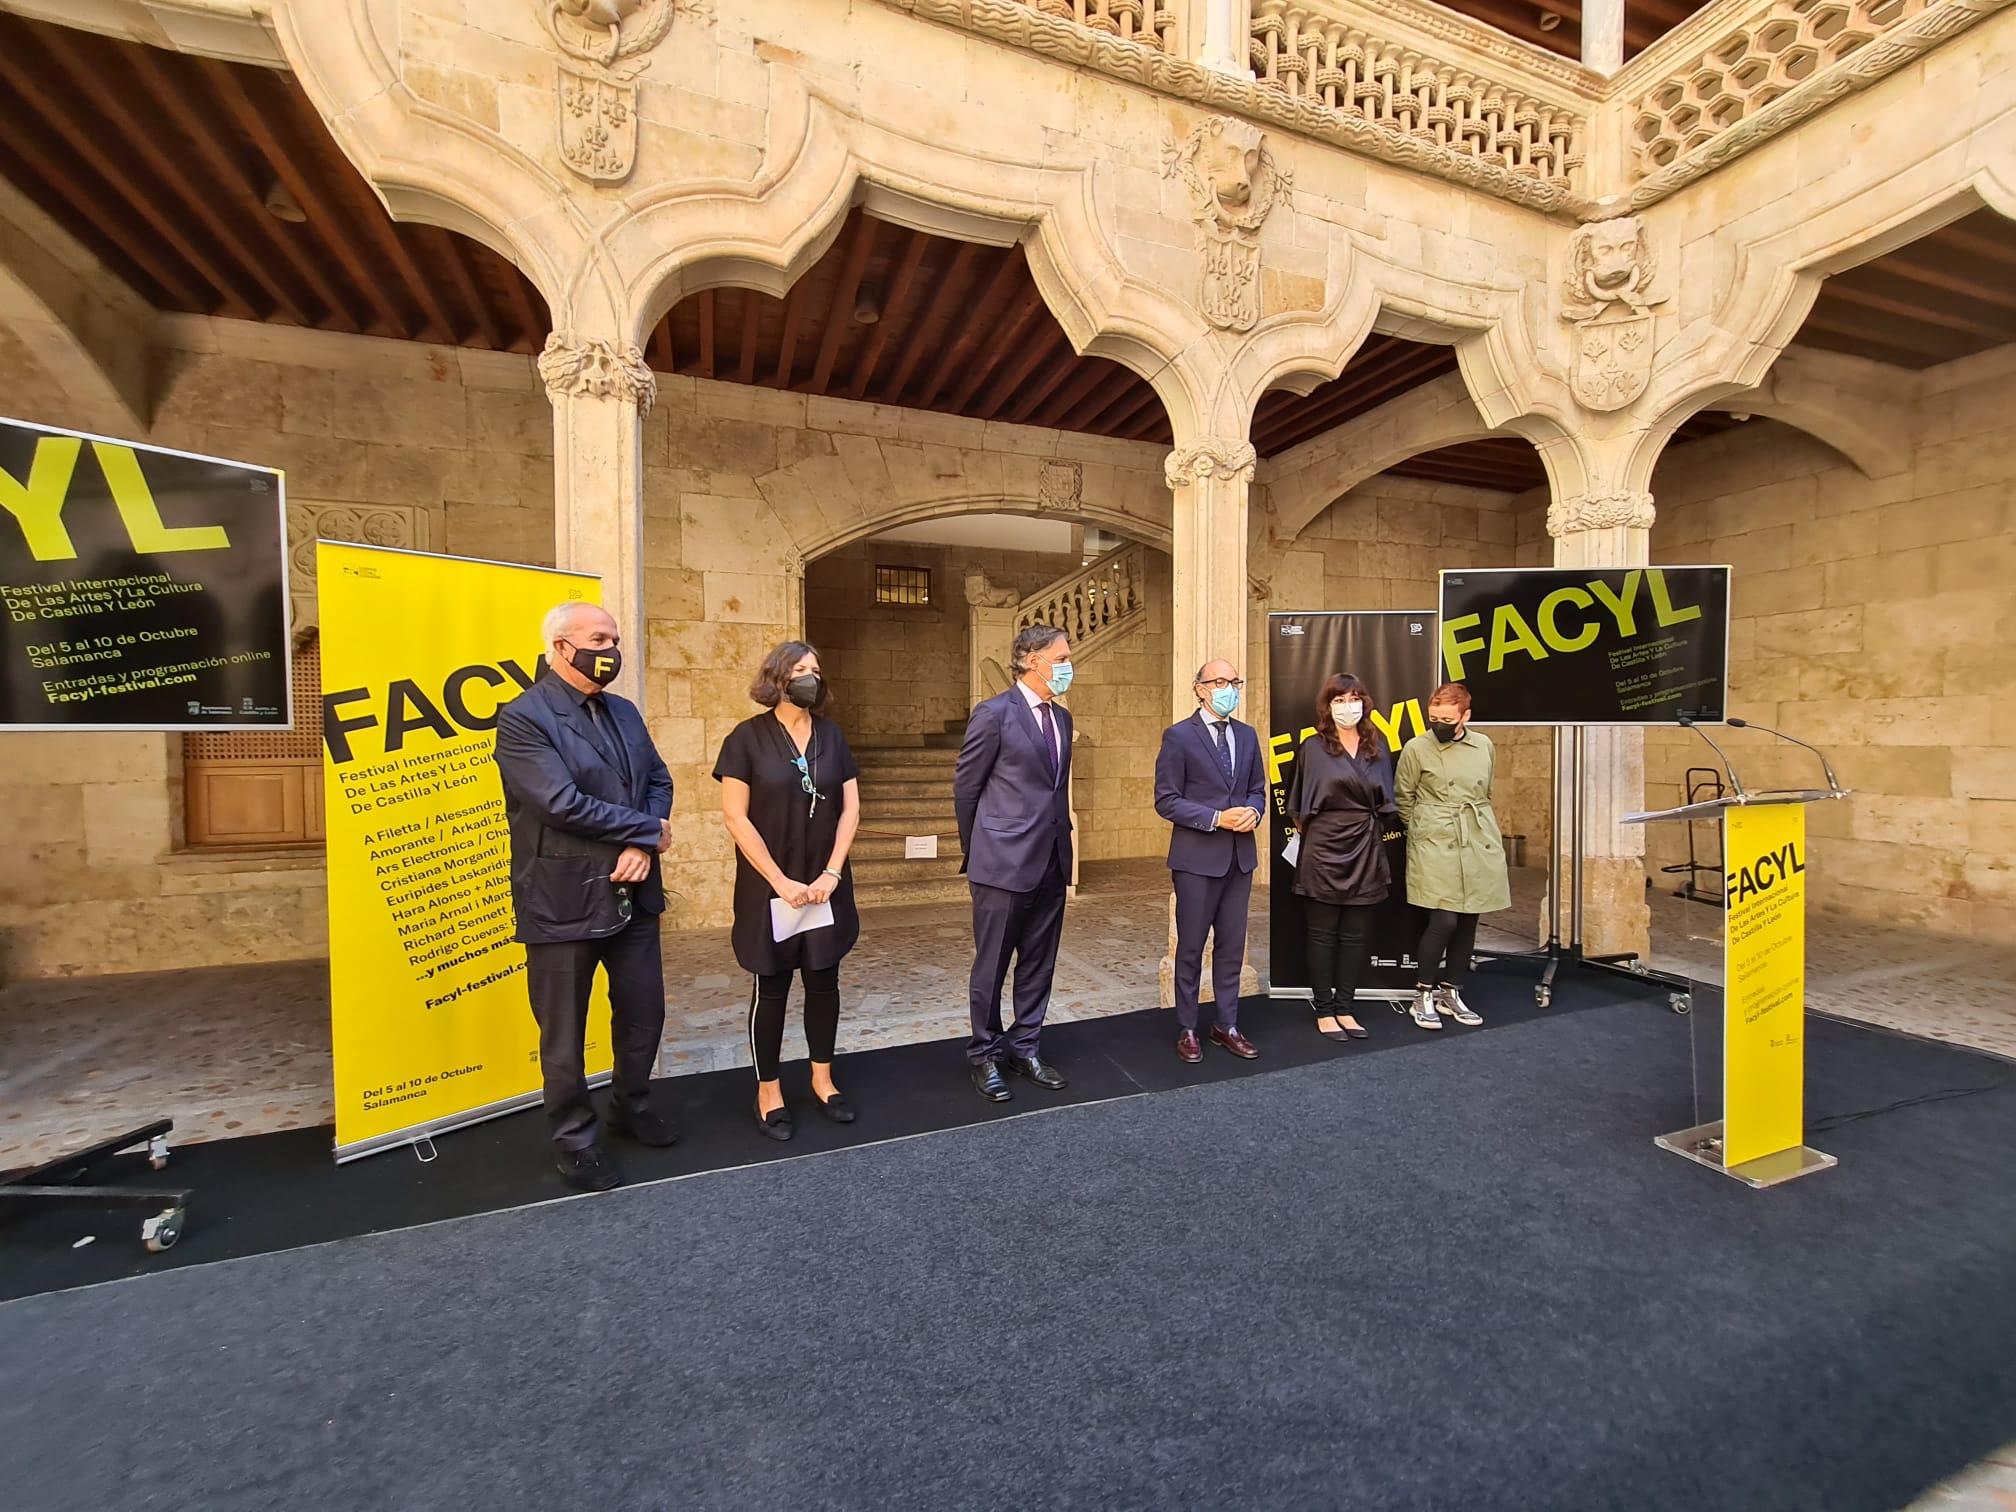 Salamanca recibe el Festival Internacional de las Artes y la Cultura de Castilla y León - FACYL 2021 que contará con una treintena de actividades y artistas de diez nacionalidades 1